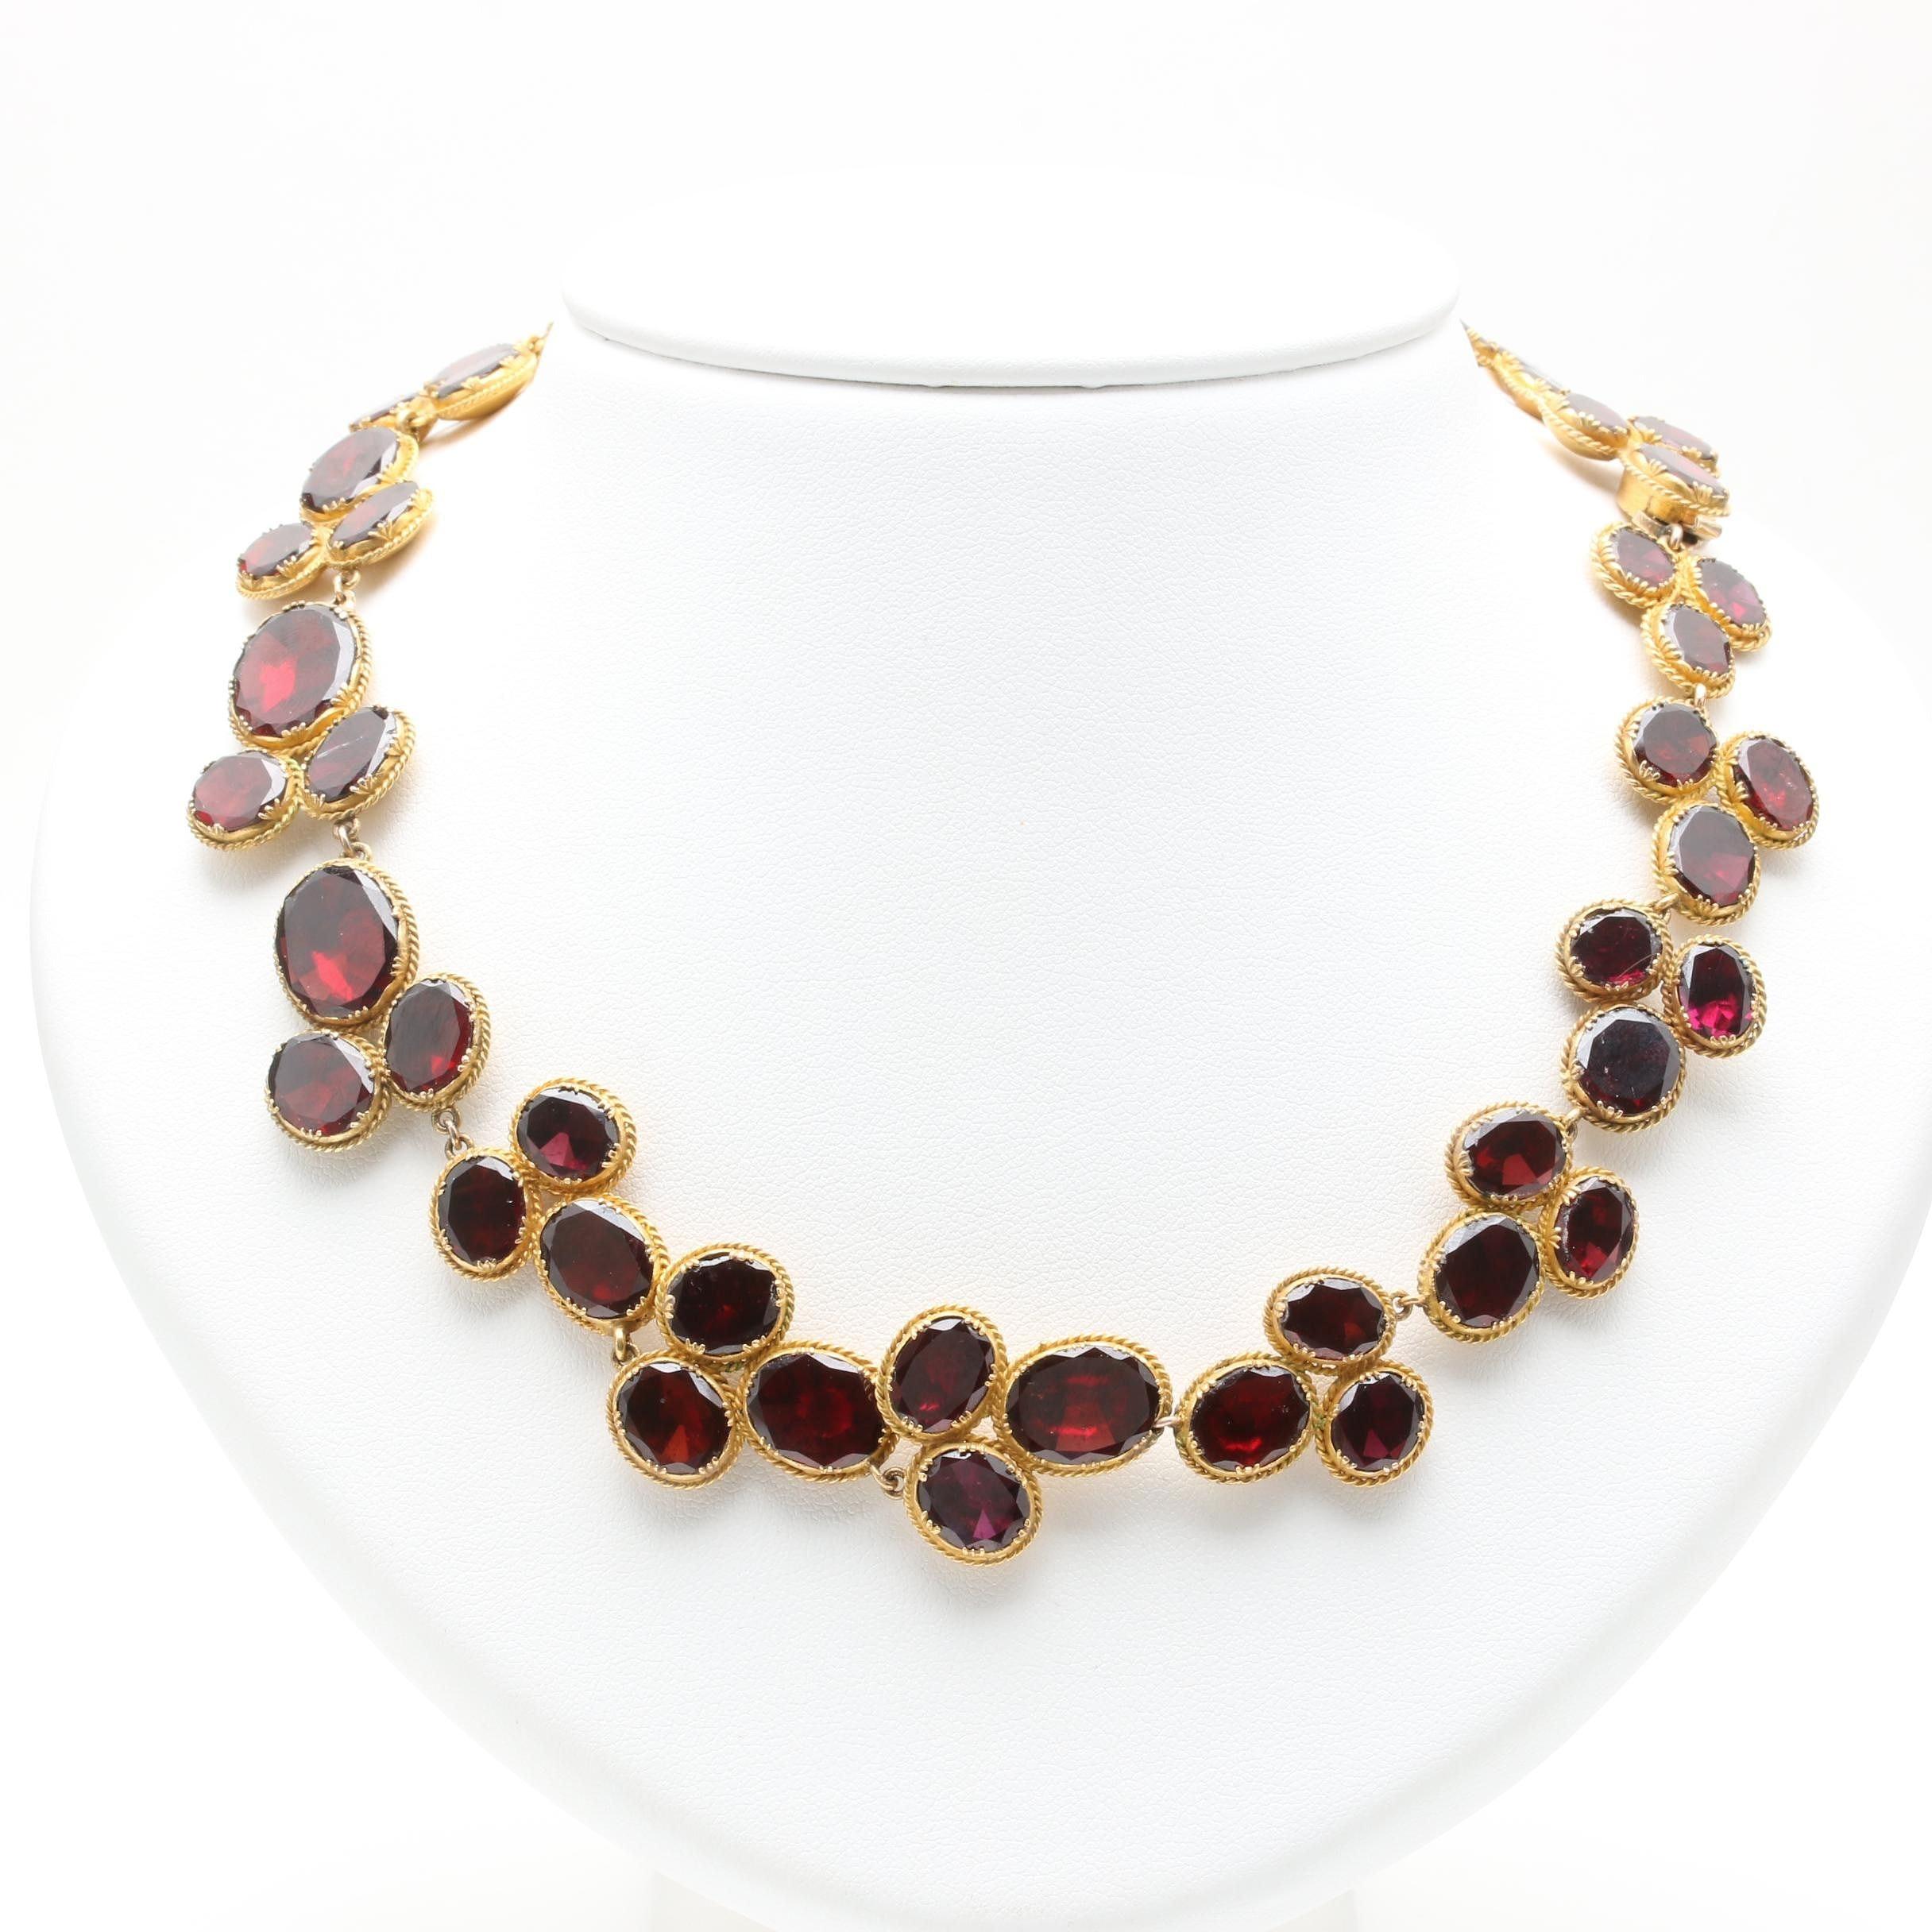 10K Yellow Gold Garnet Link Choker Necklace